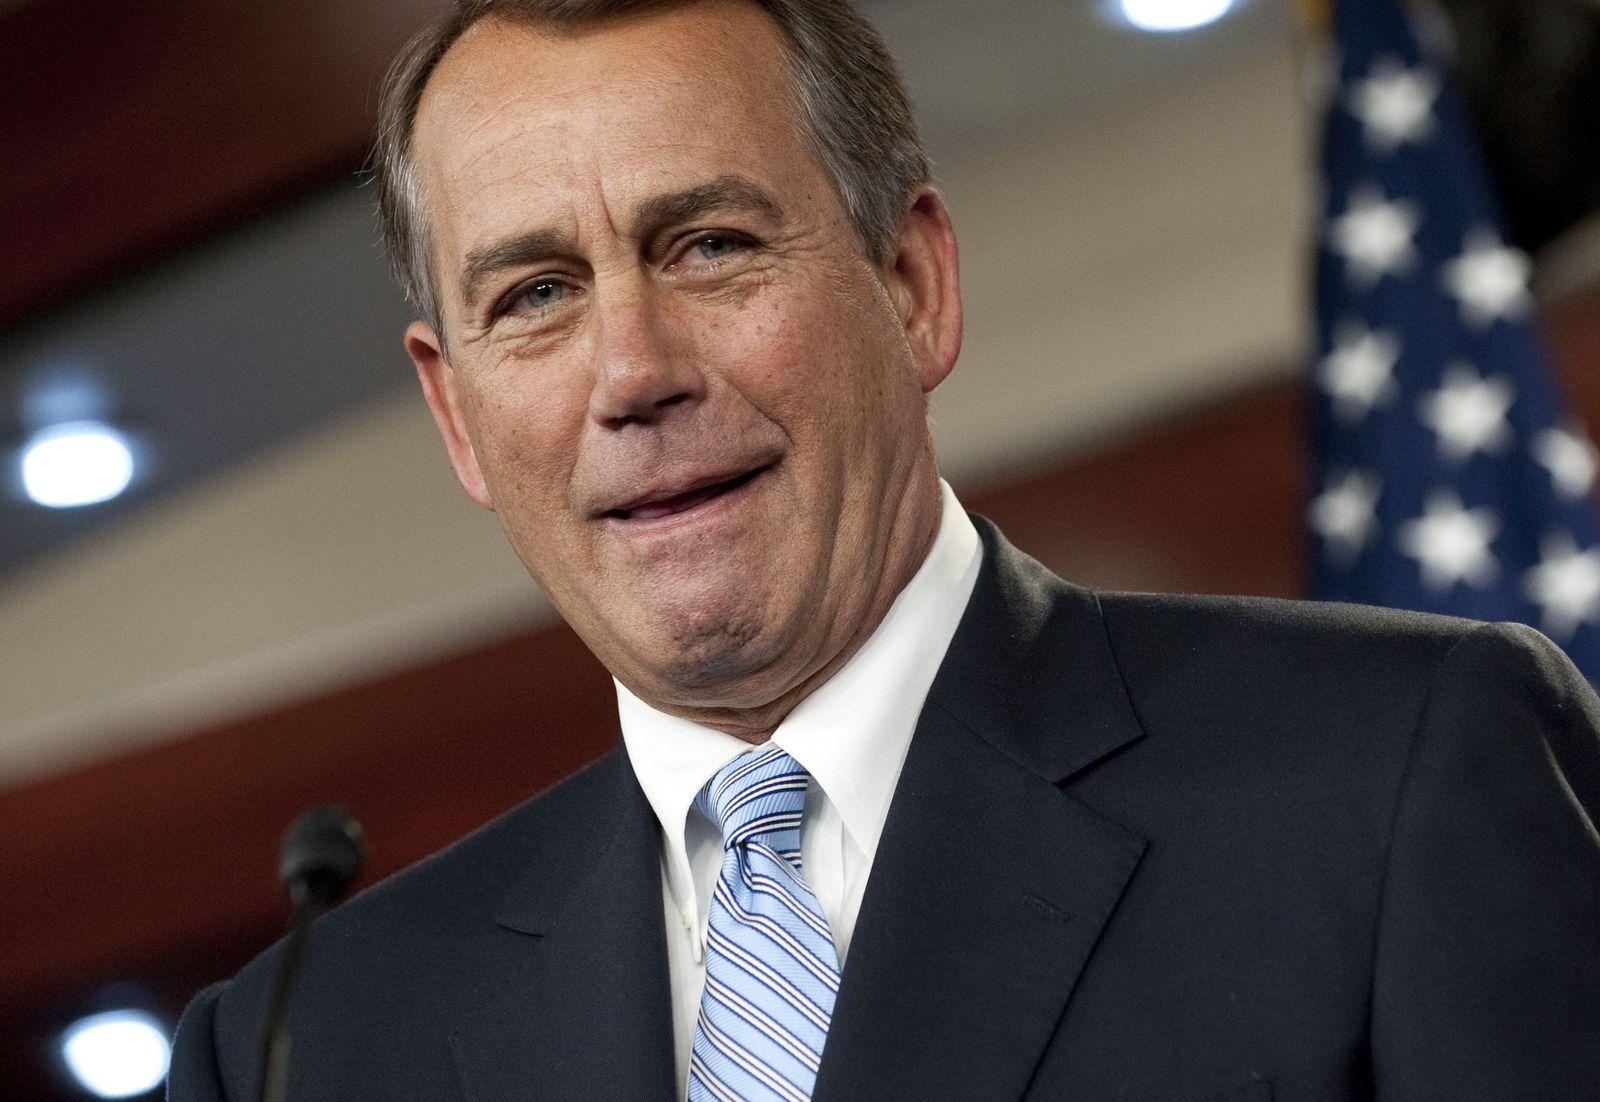 John Boehner (Sprecher des Repräsentantenhauses)